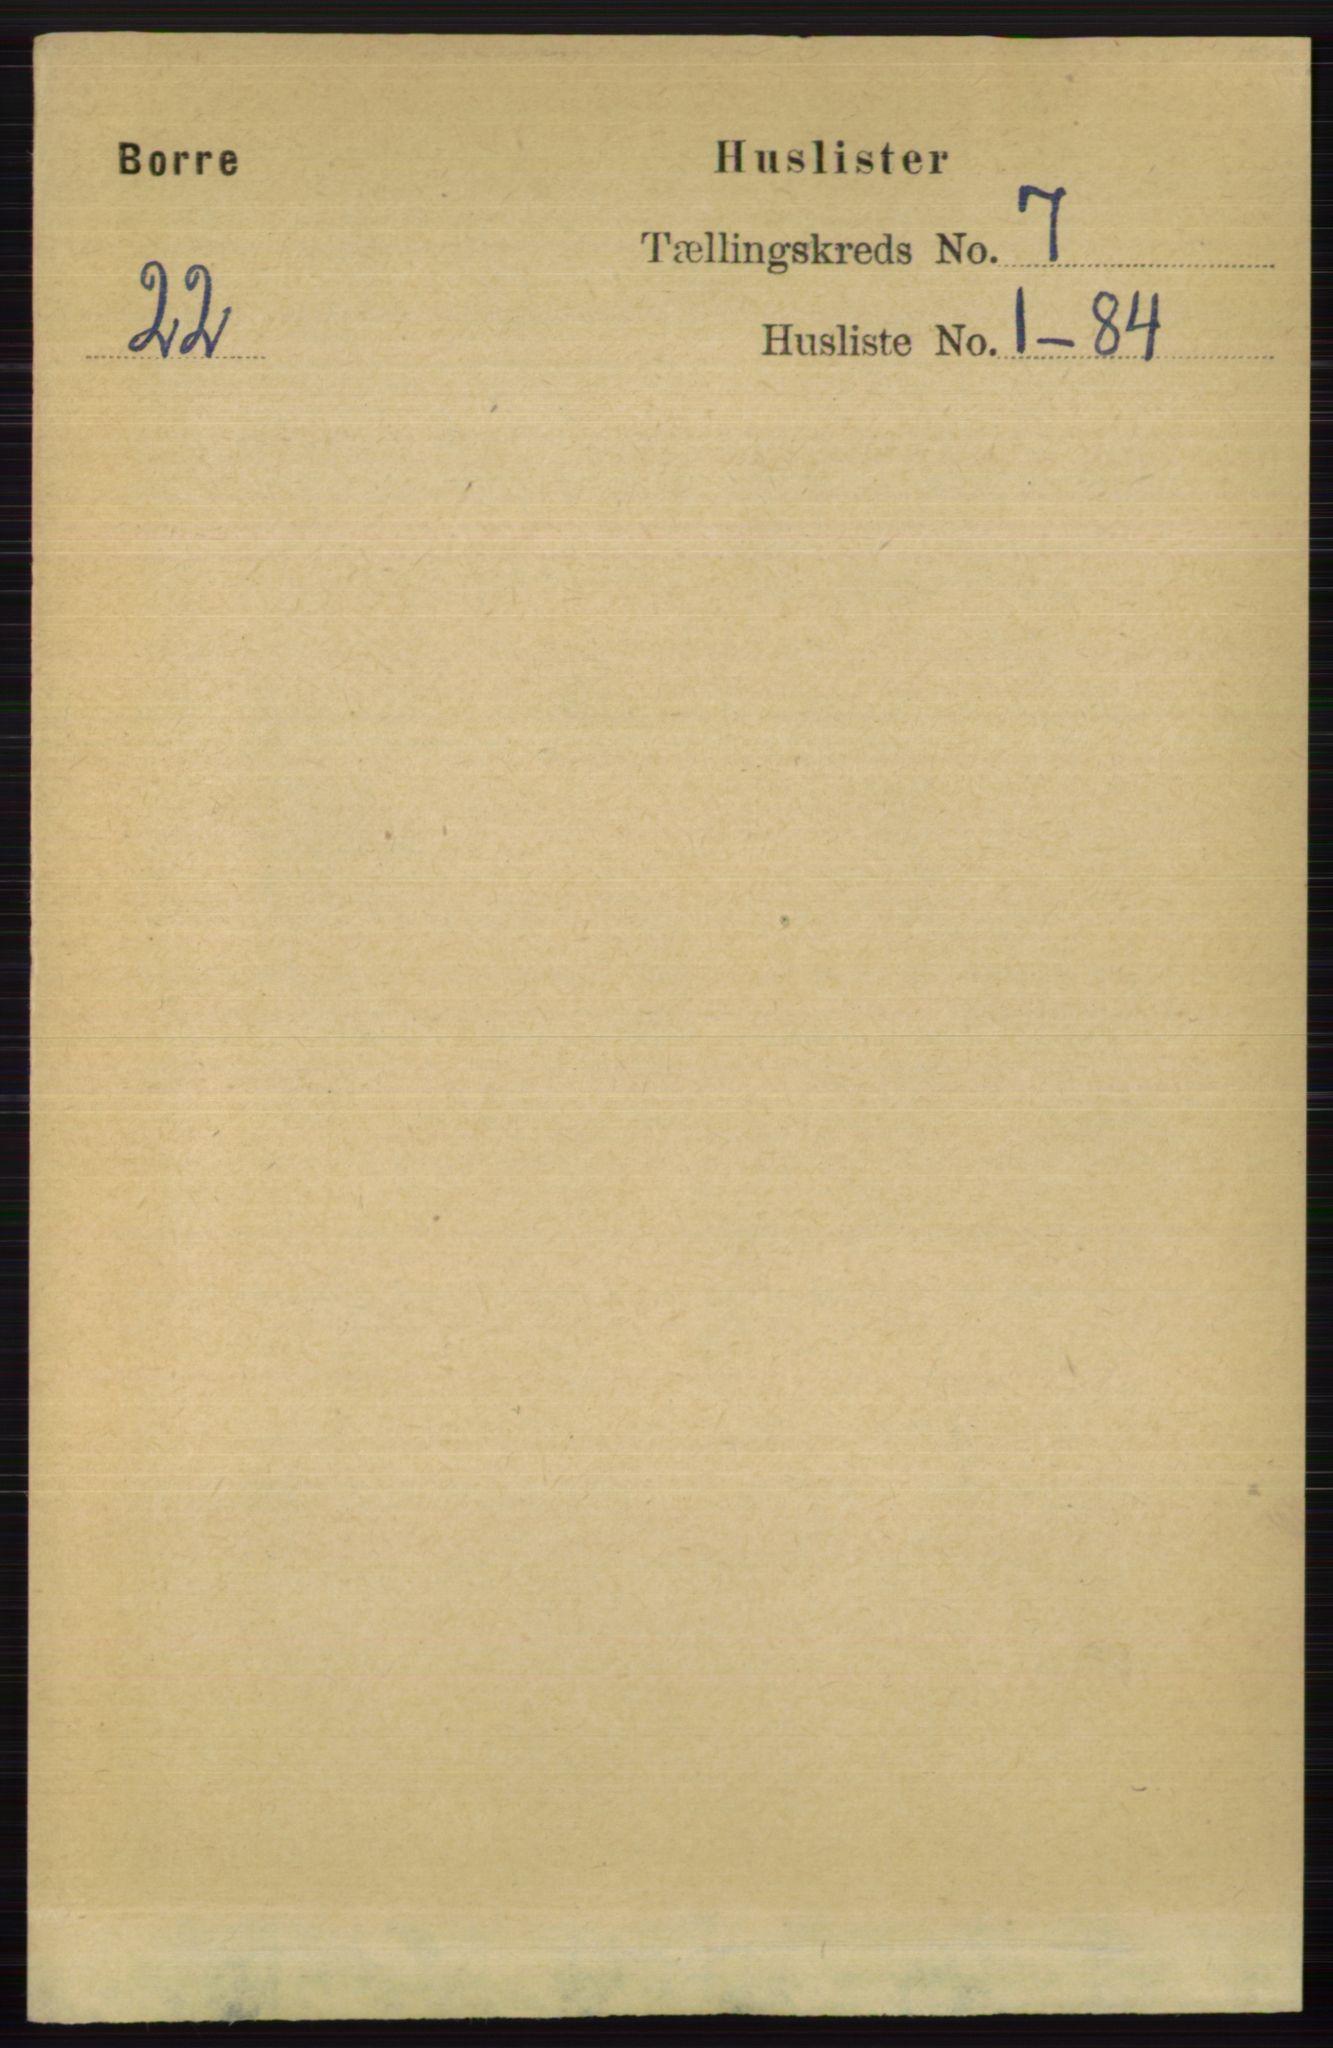 RA, Folketelling 1891 for 0717 Borre herred, 1891, s. 3136